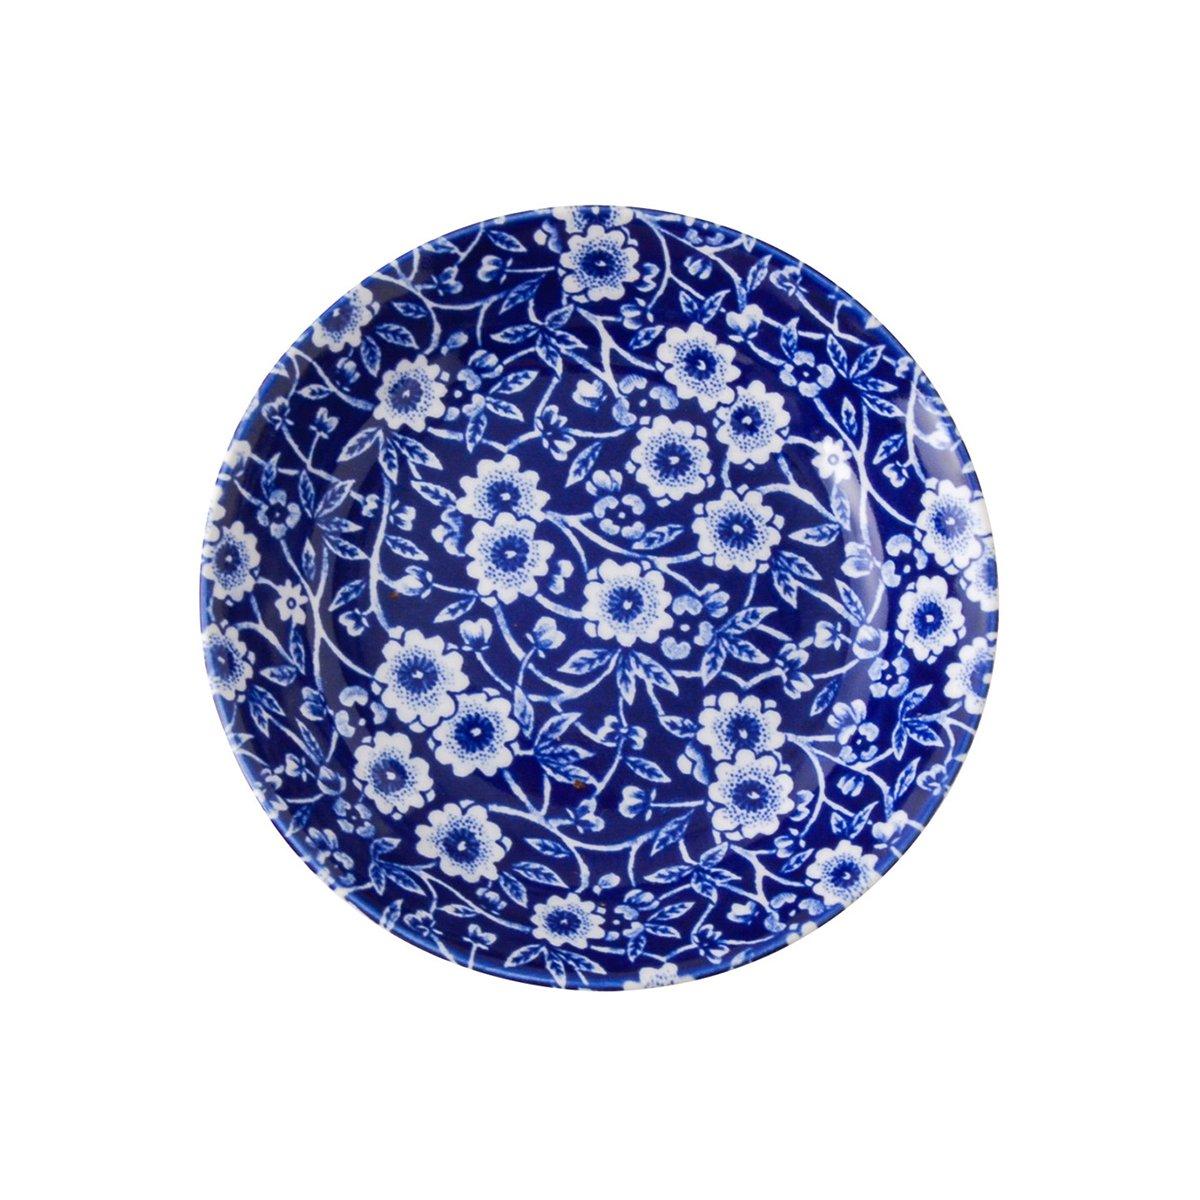 Burleigh(バーレイ) フルーツプレート <Blue Calico>ブルーキャリコ 詳細画像1